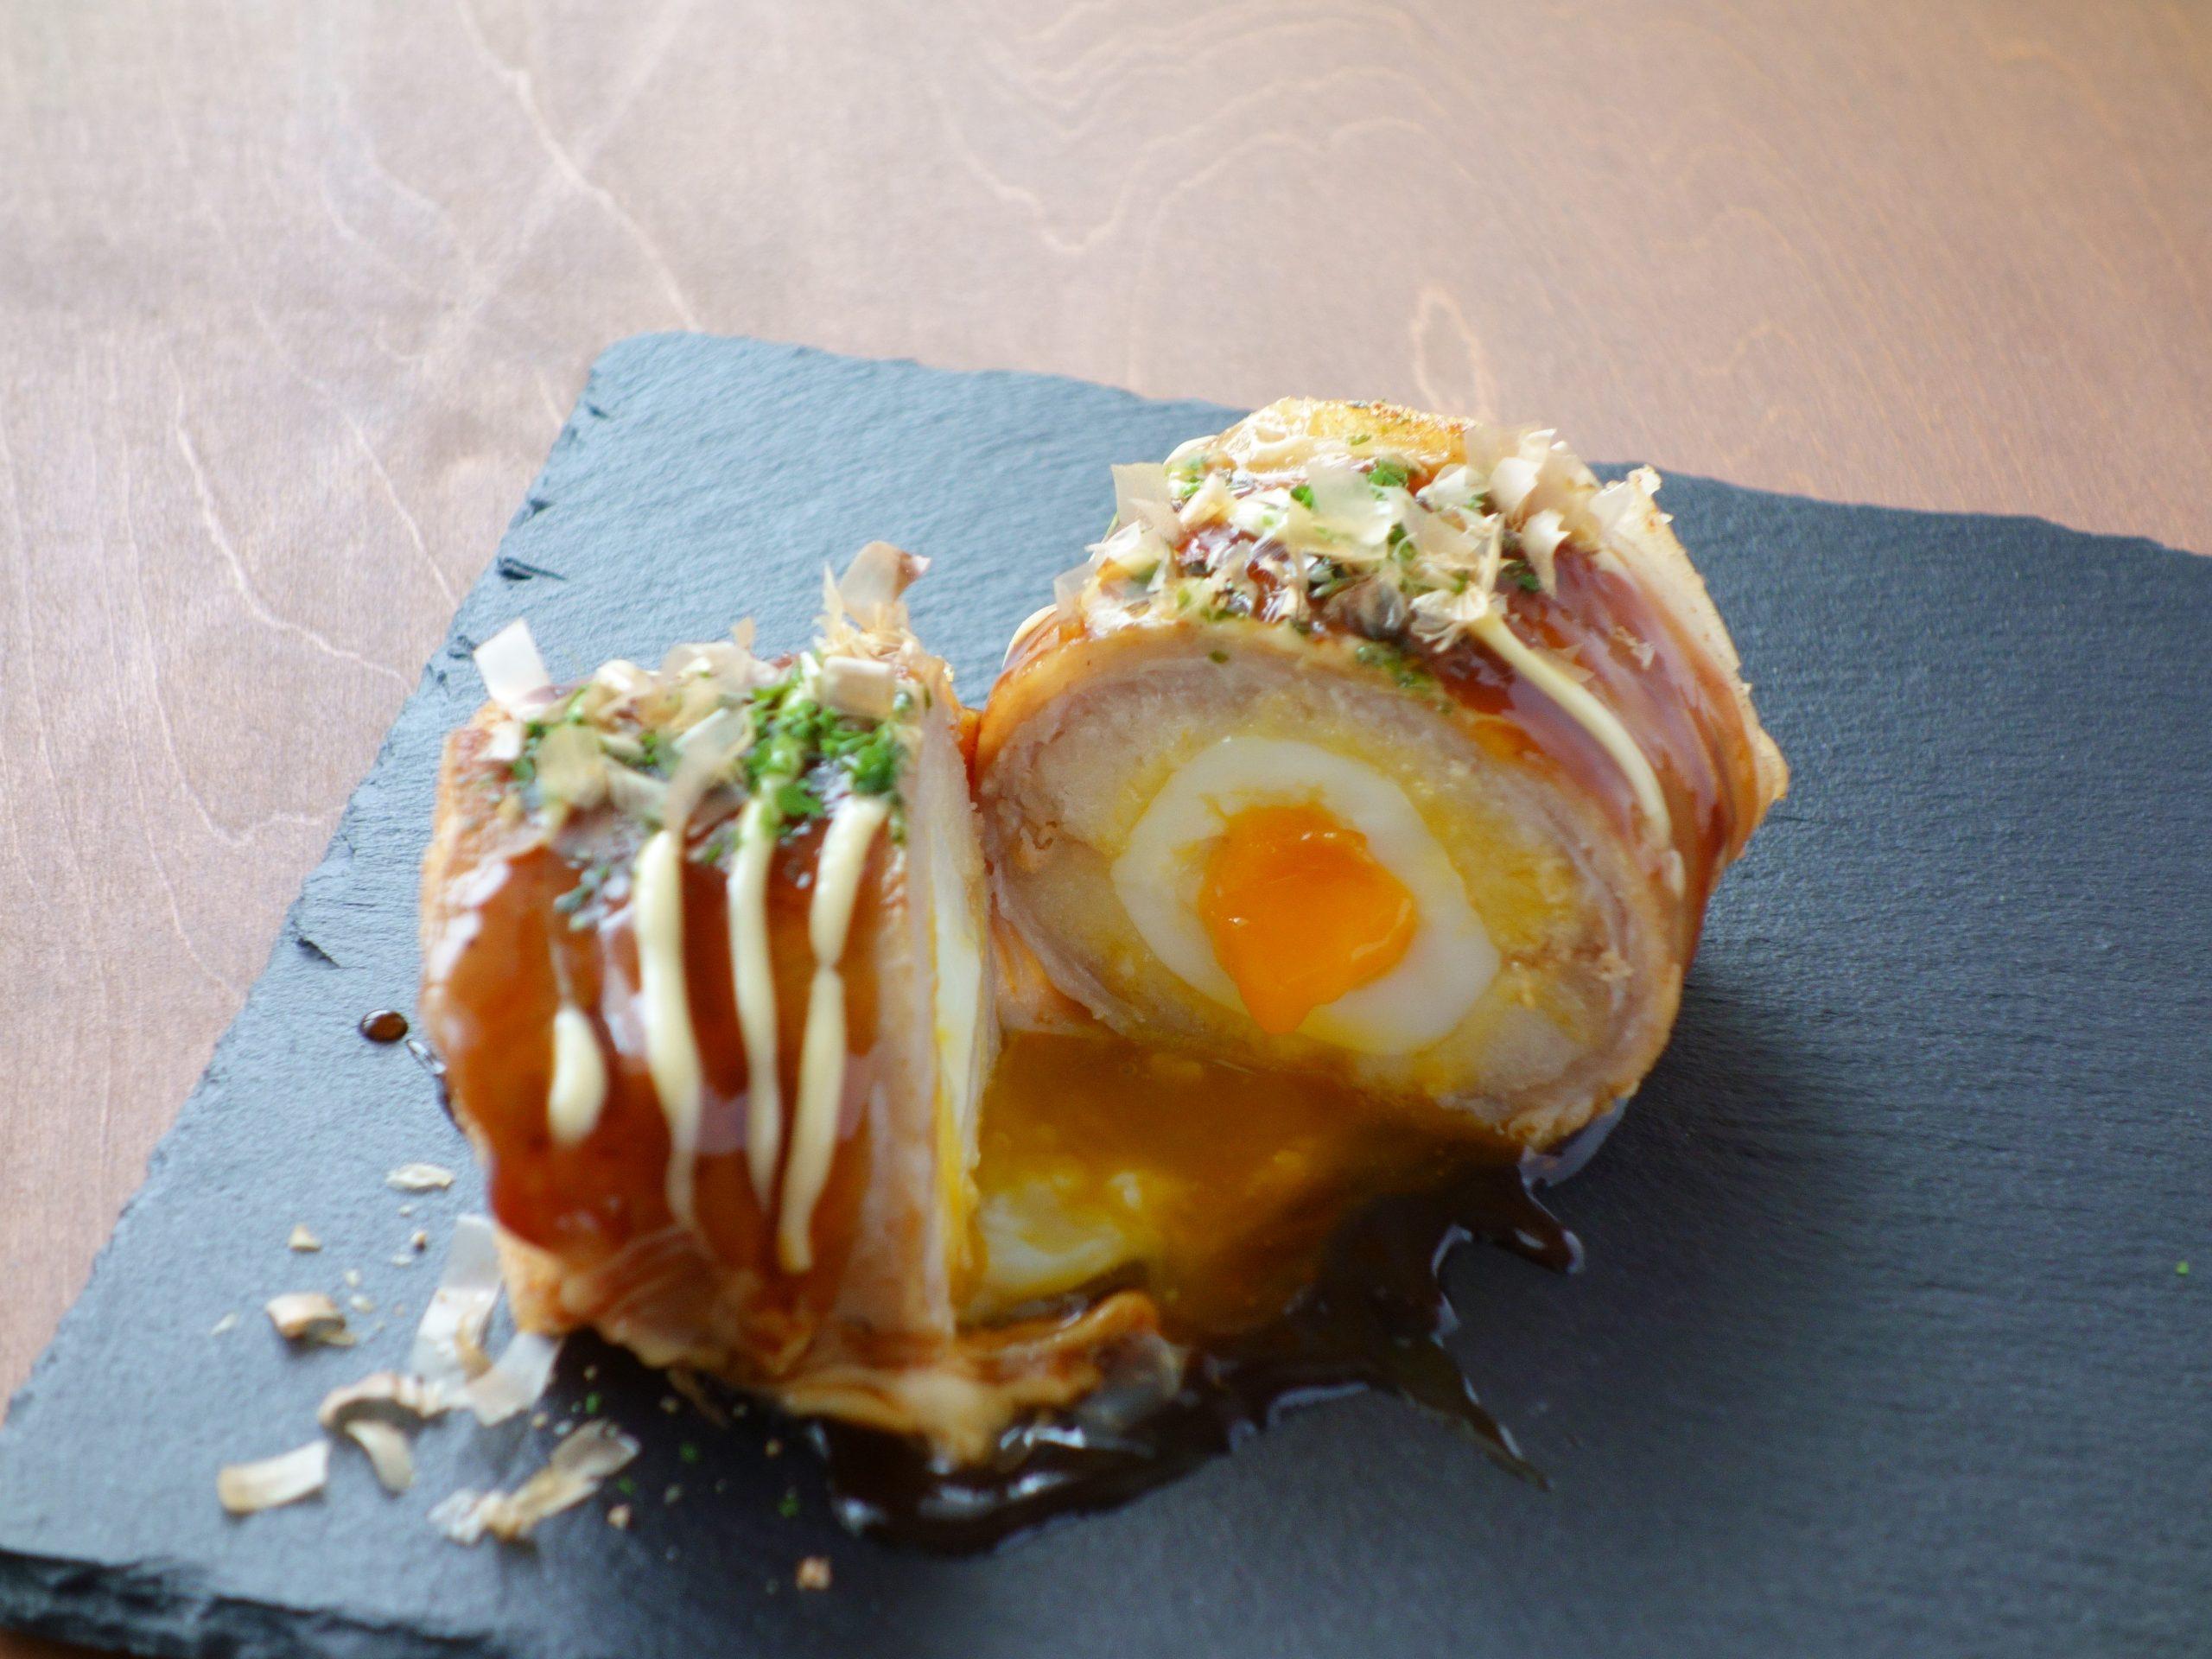 米粉パンの満足レシピ『もちもち豚玉ロール 』